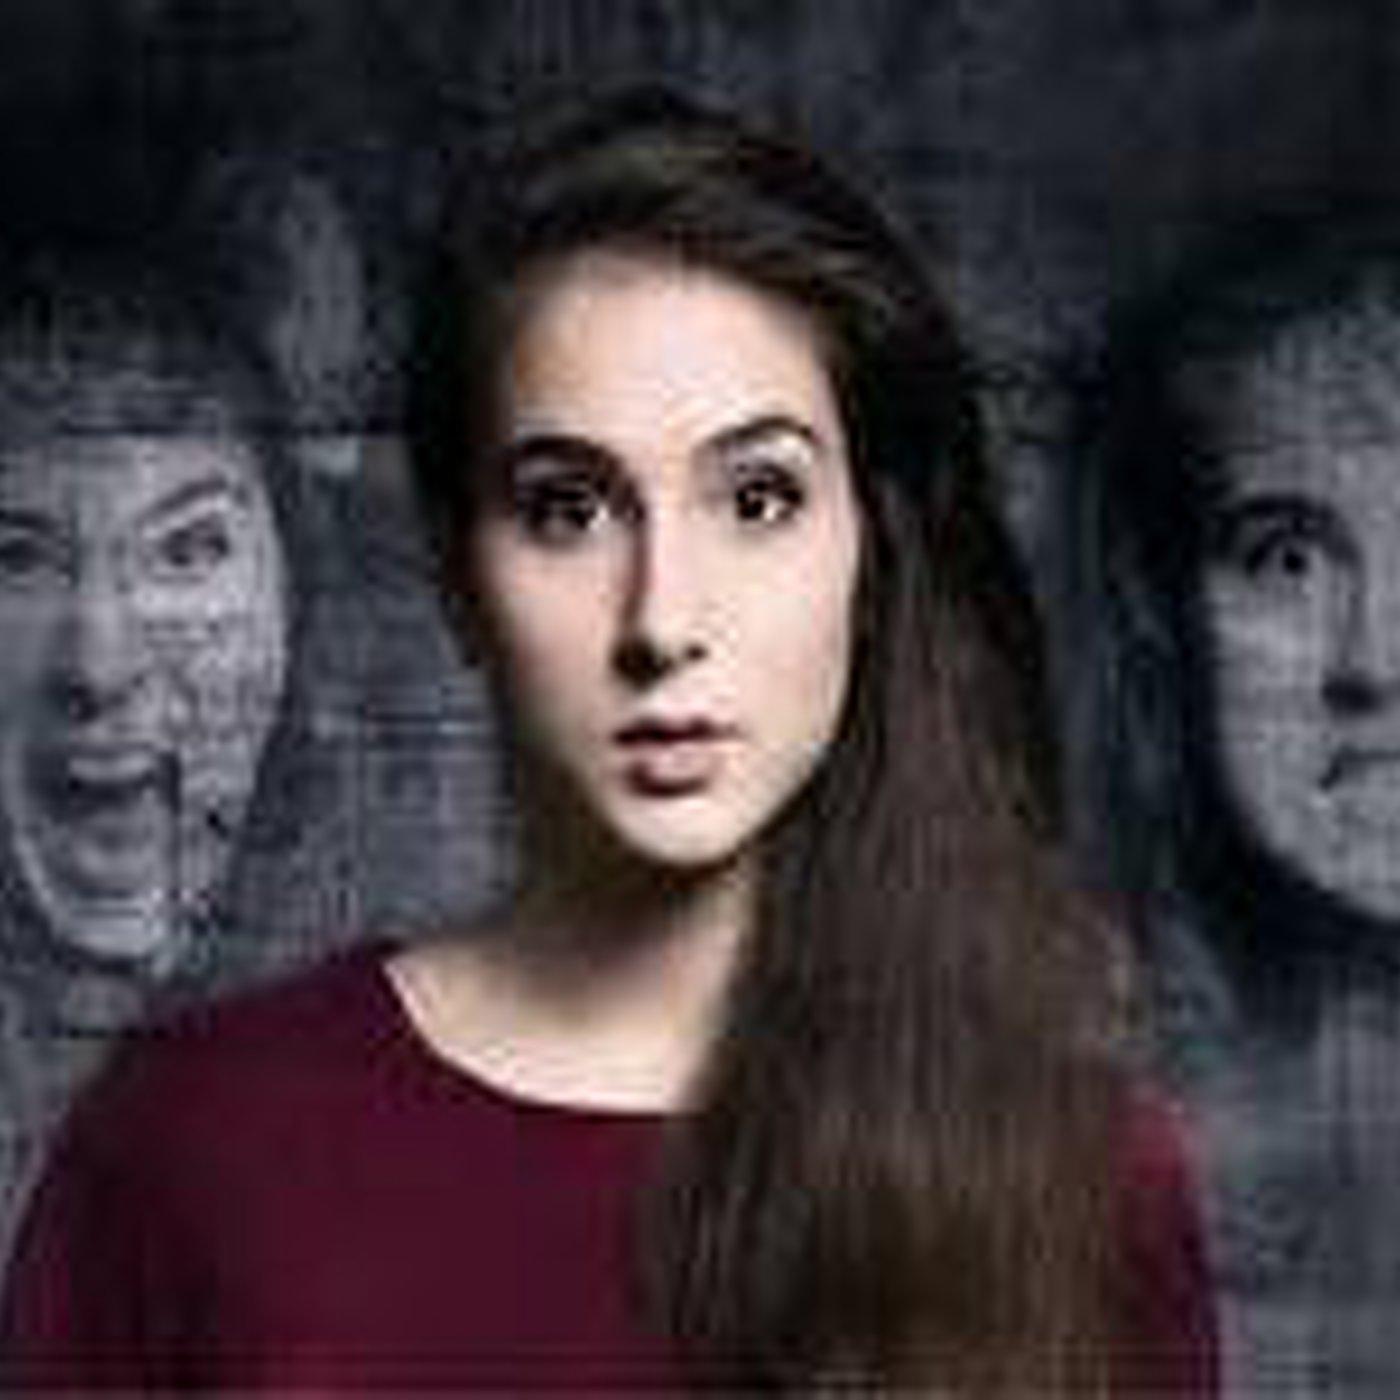 16. Psiquiatrización de la sociedad, esquizofrenia y niños índigo.